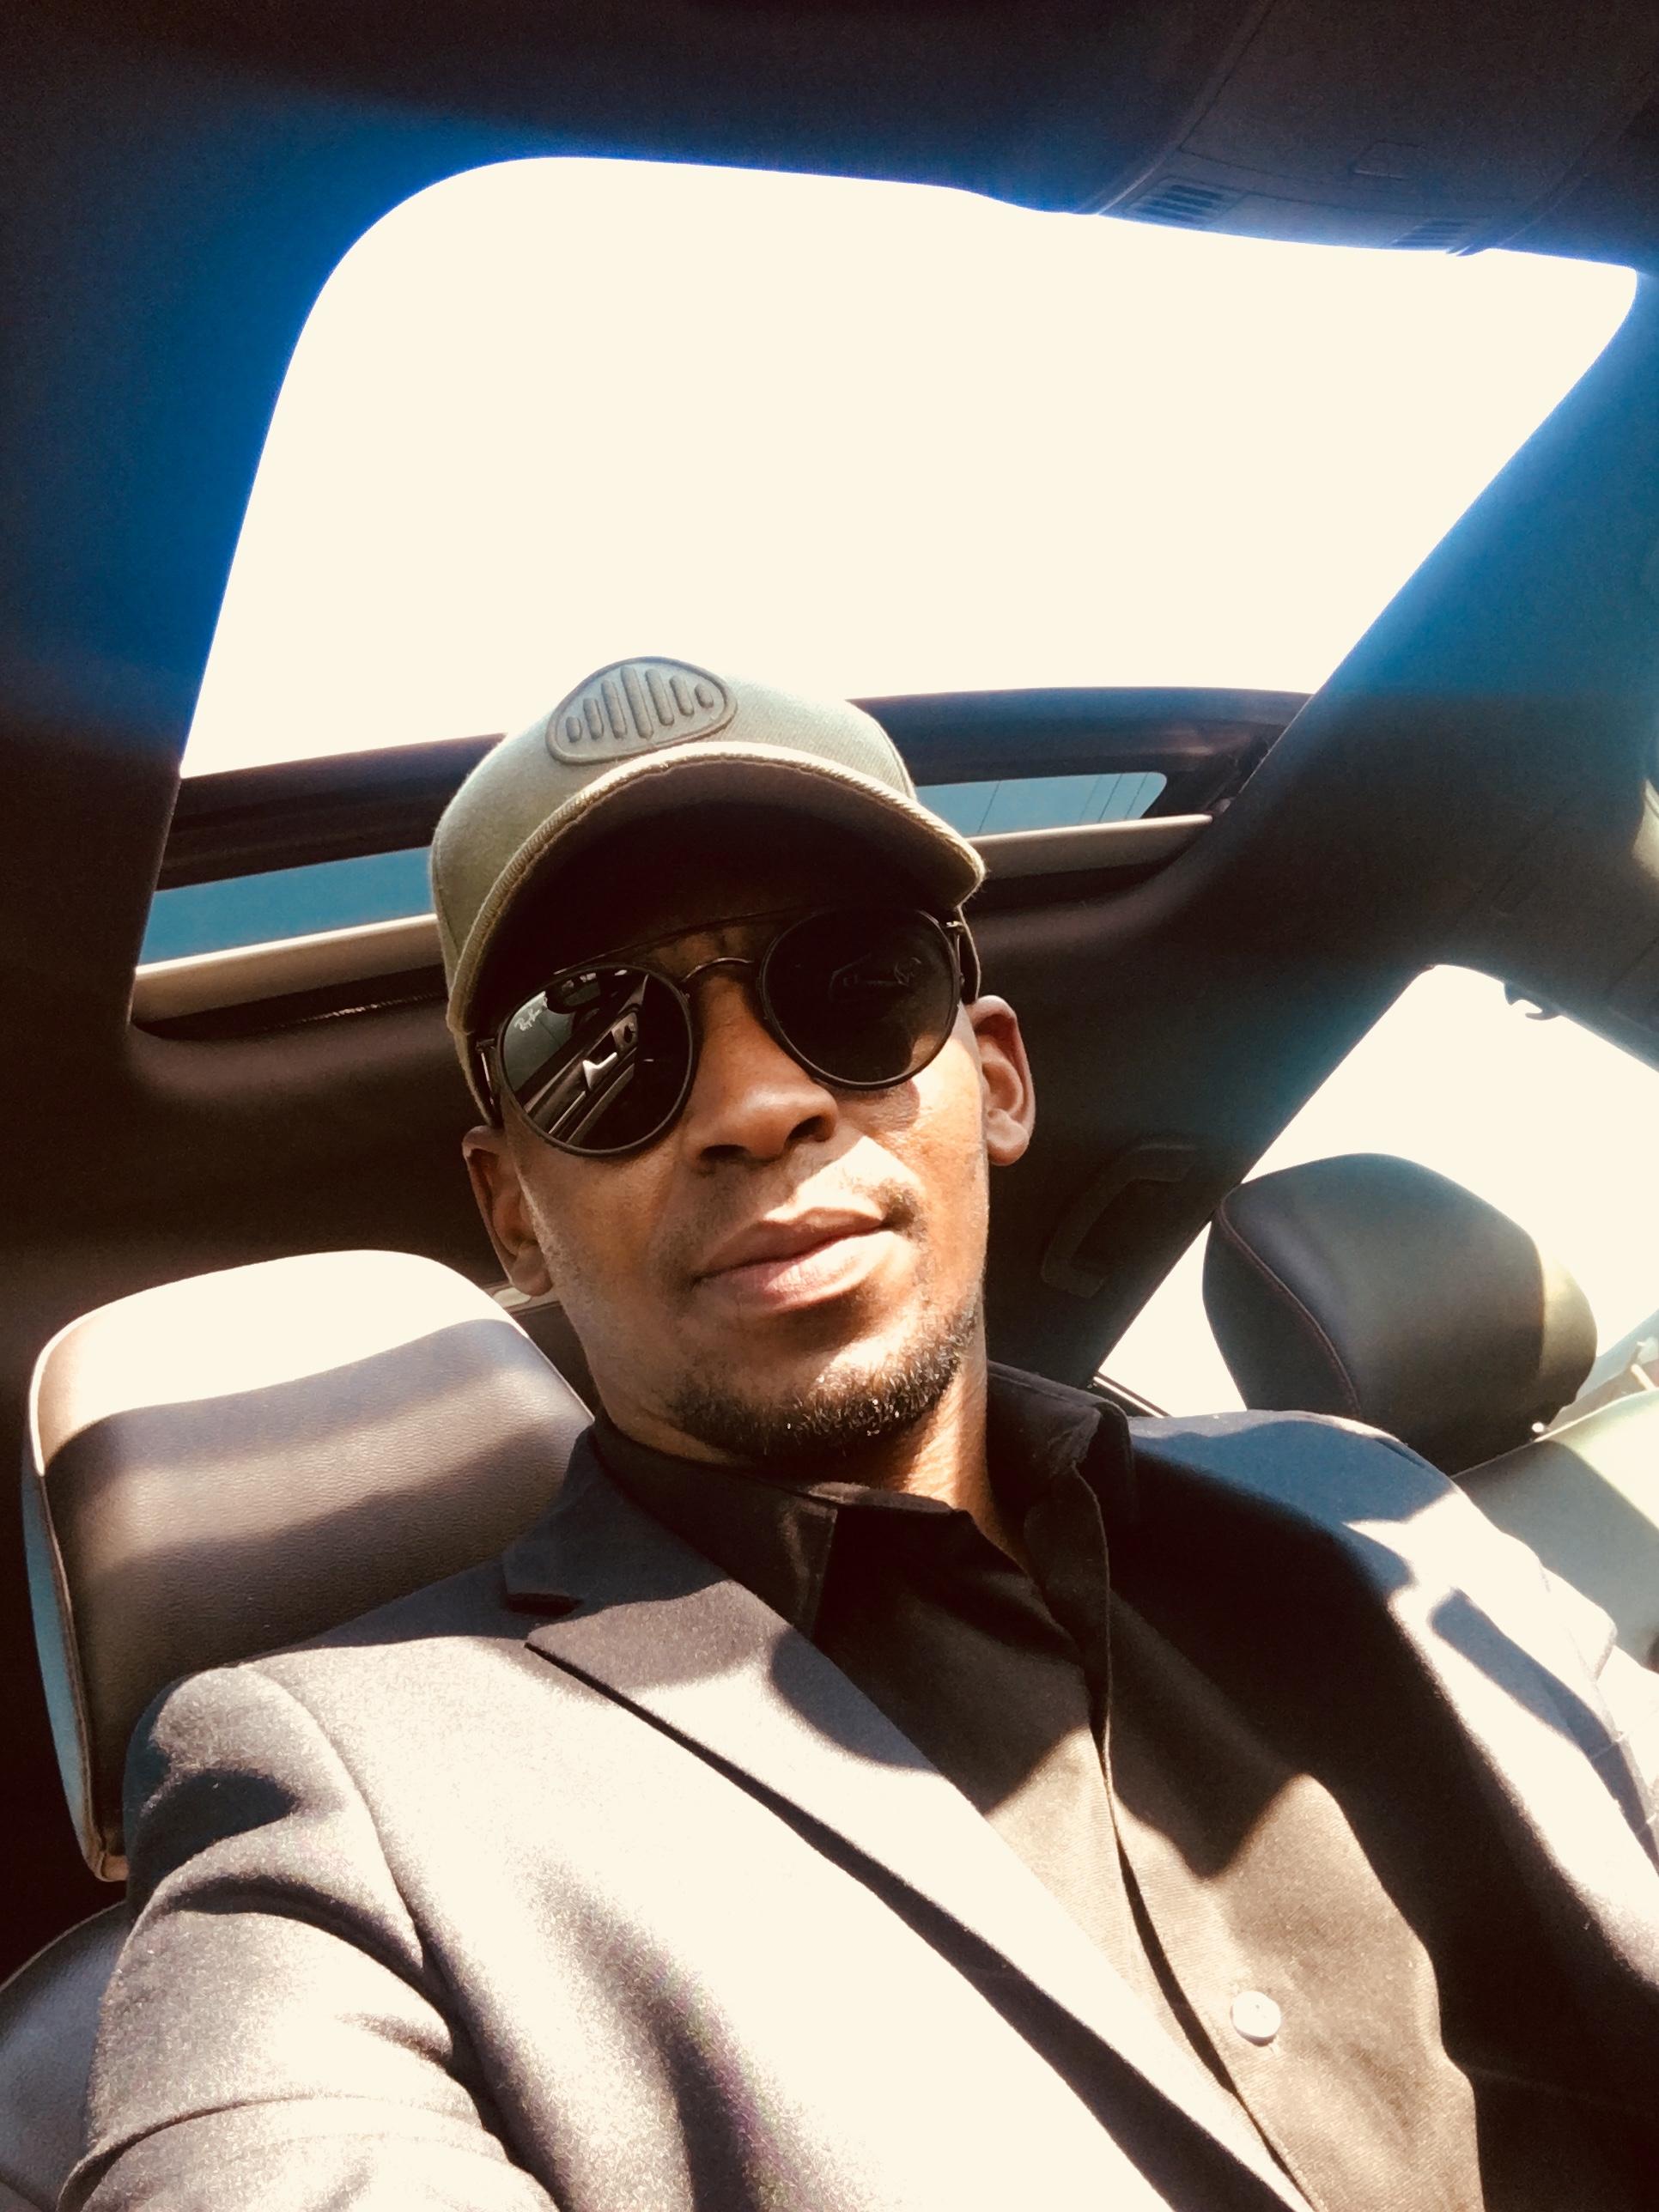 Nkanyiso Ndlovu